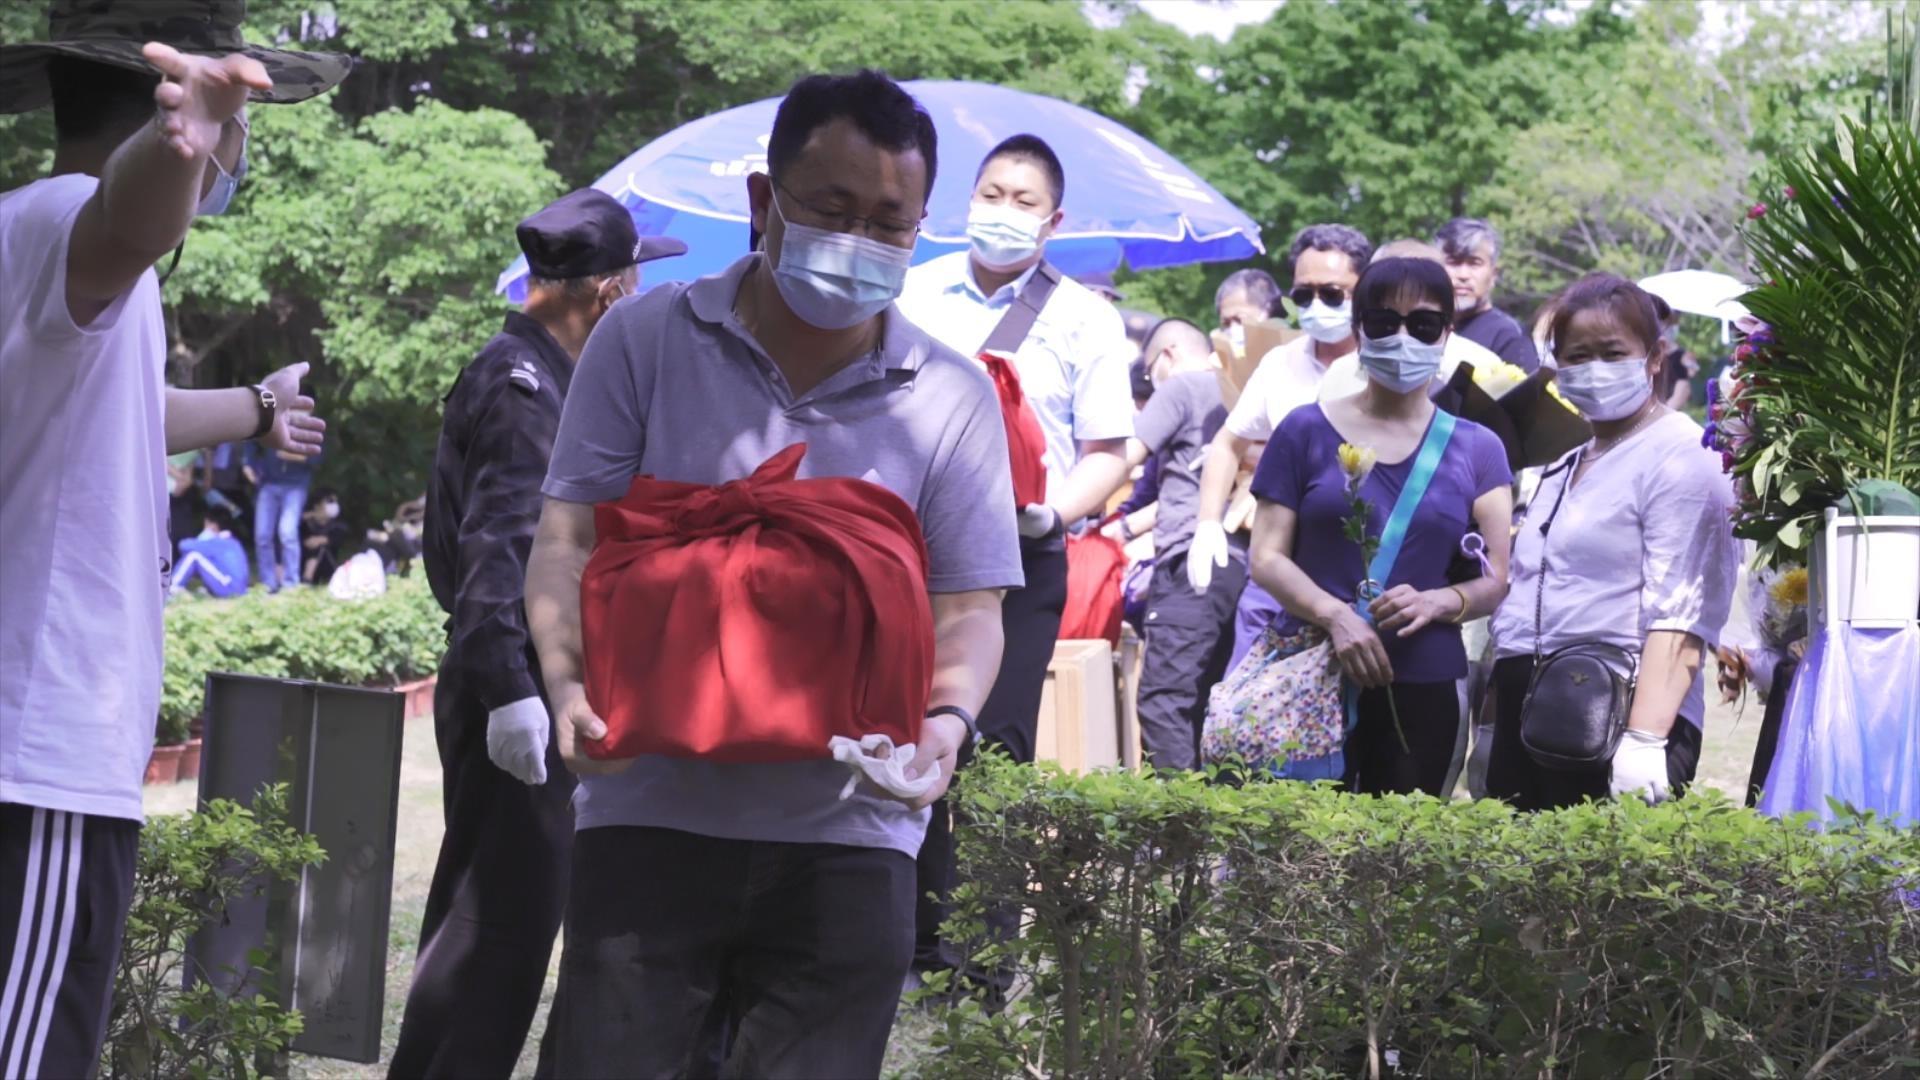 【网络中国节清明】深圳市举行清明生态葬,230位逝者骨灰魂归海洋大地